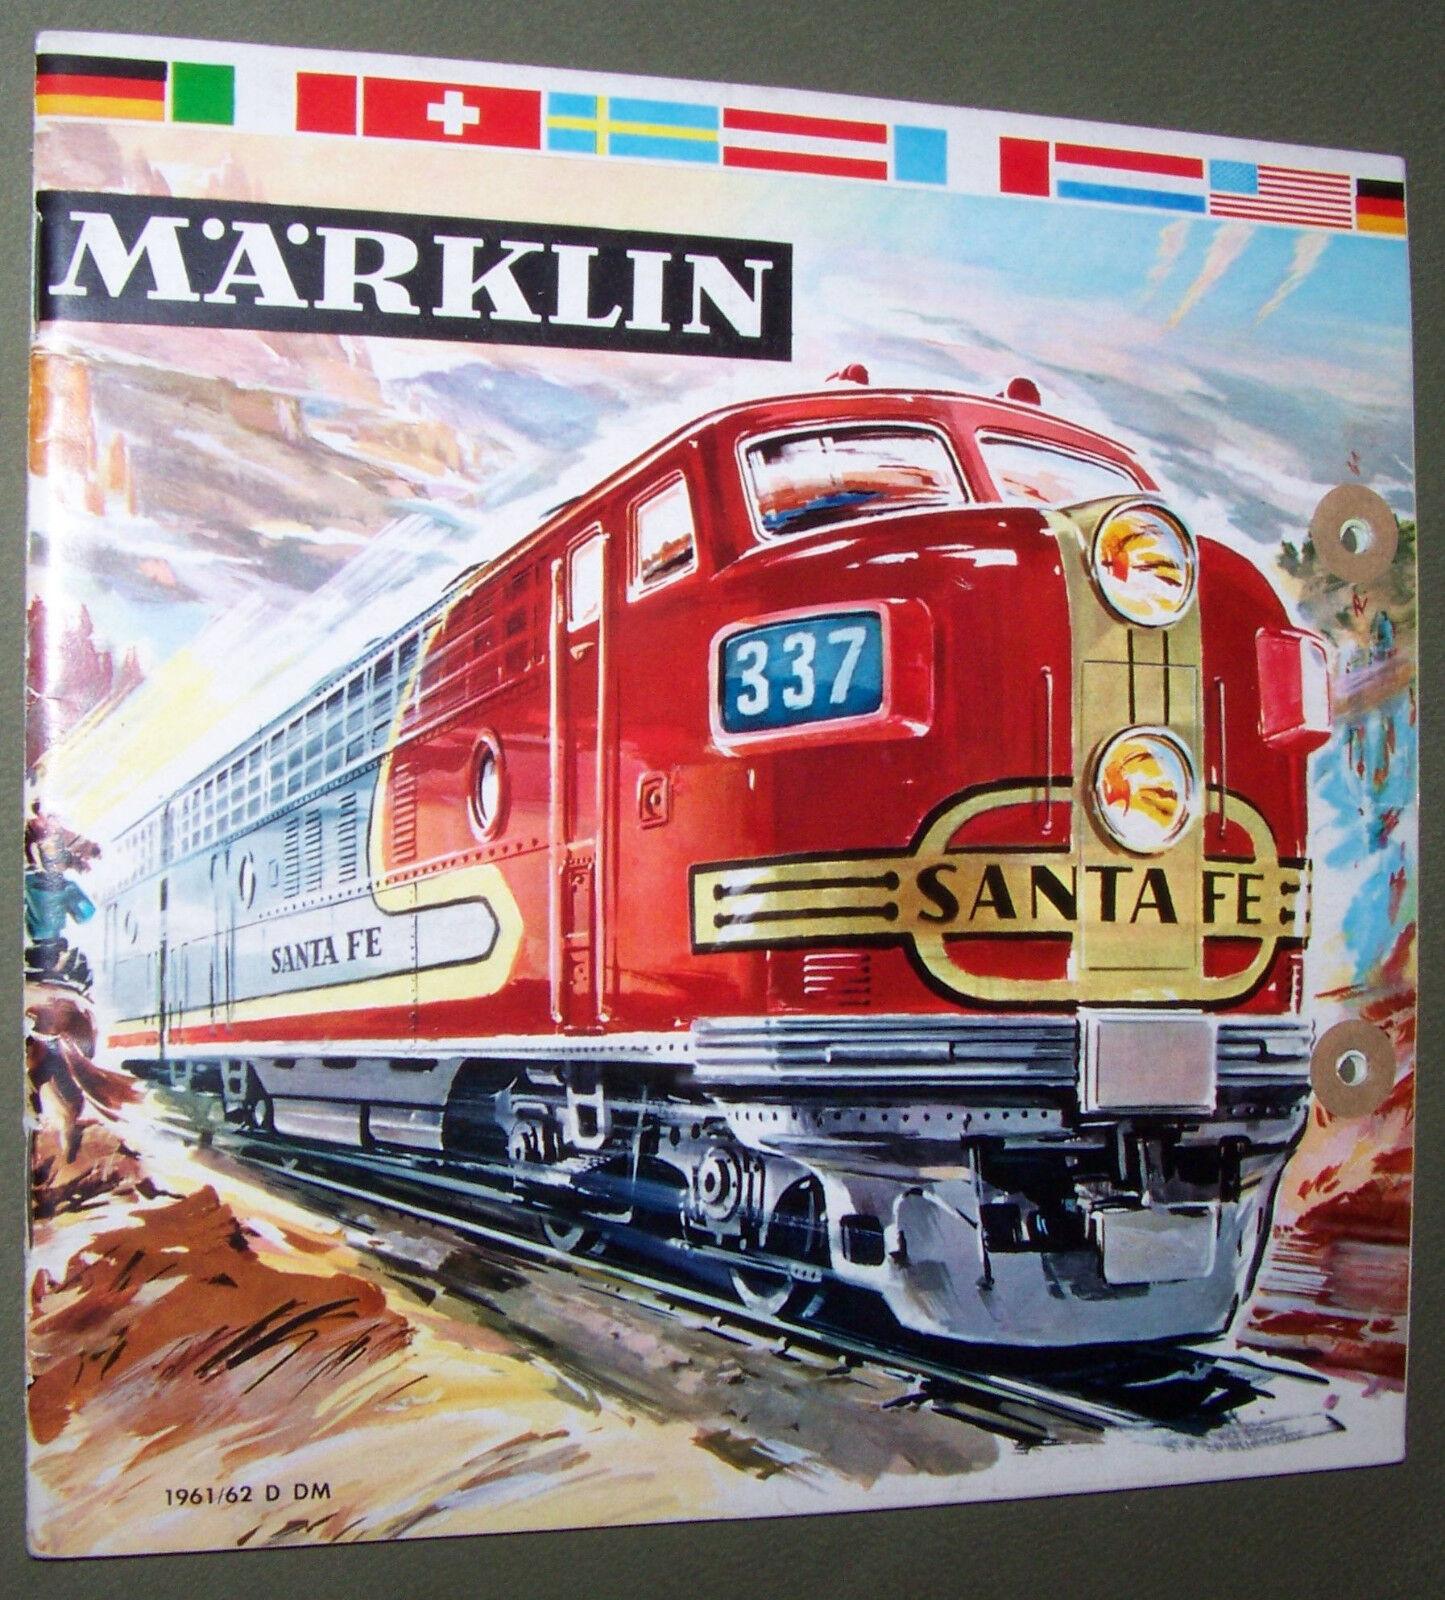 MÄRKLIN Katalog 1961 1962 D DM Gutschein 152 01 - LAN 07 61 1th 1961 62 original